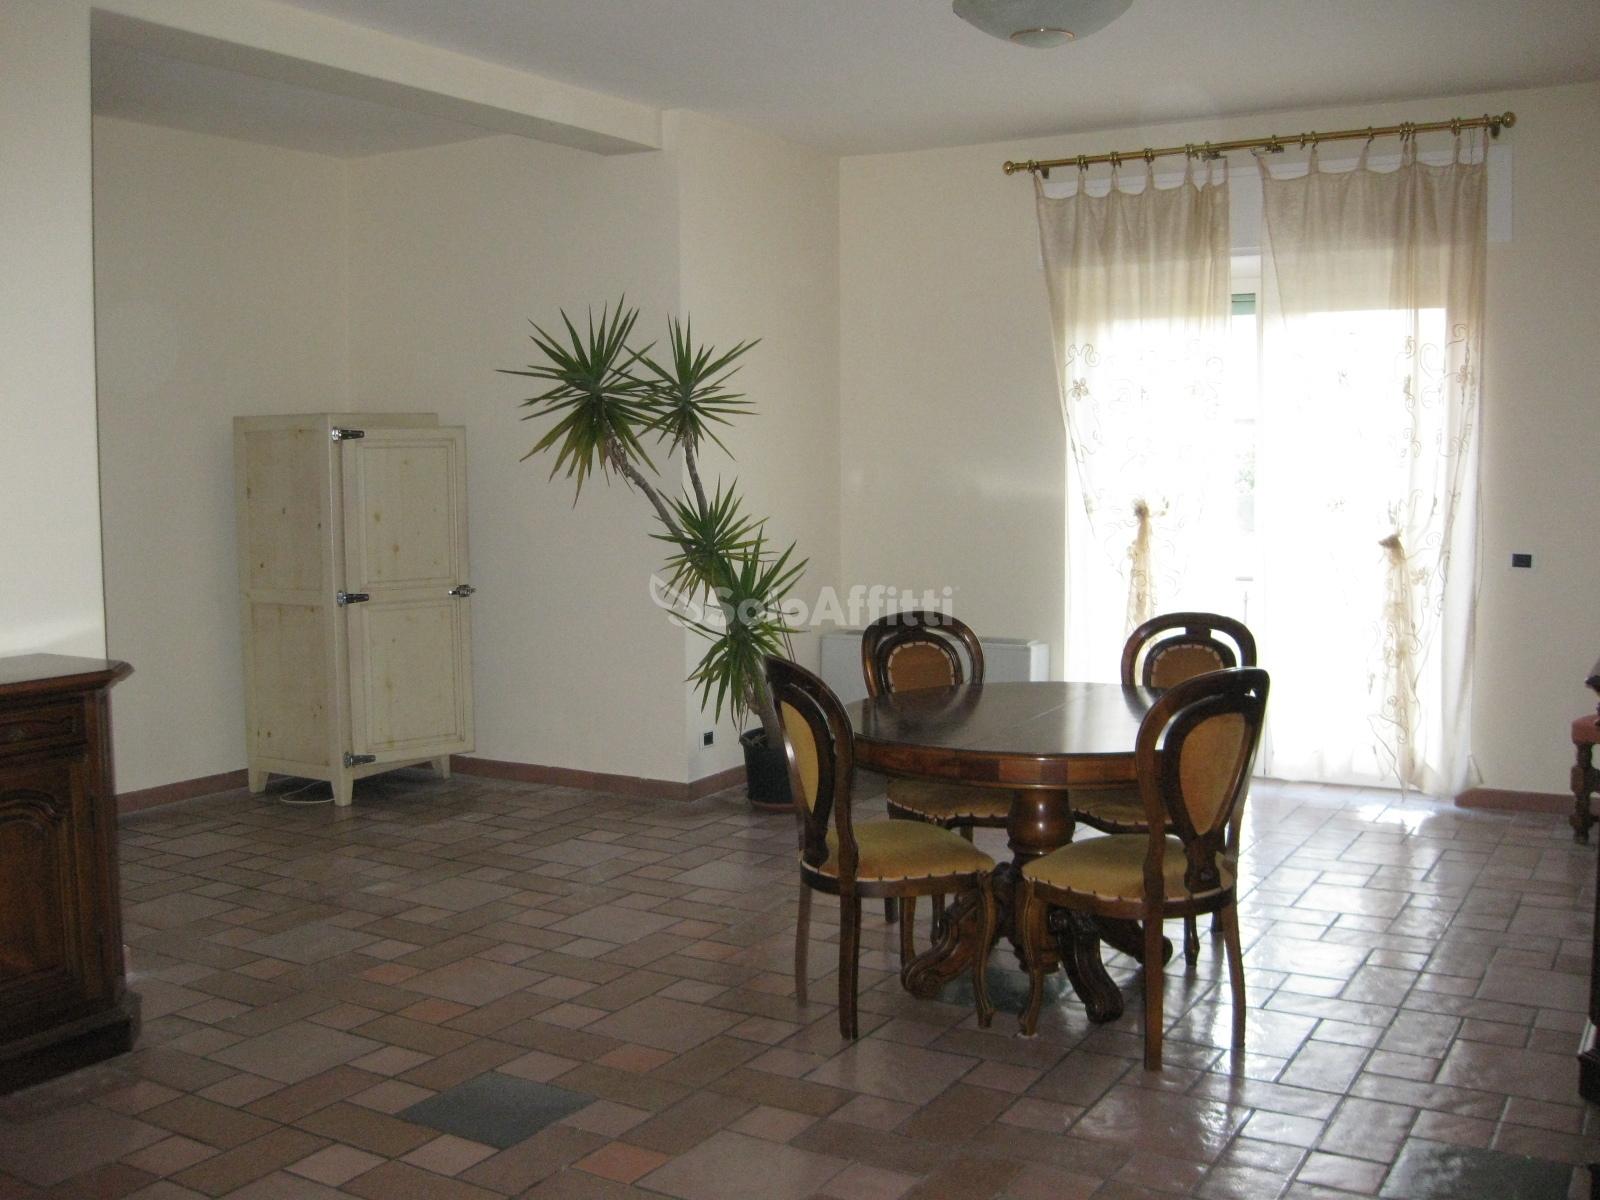 Appartamento Trilocale Arredato 95 mq.